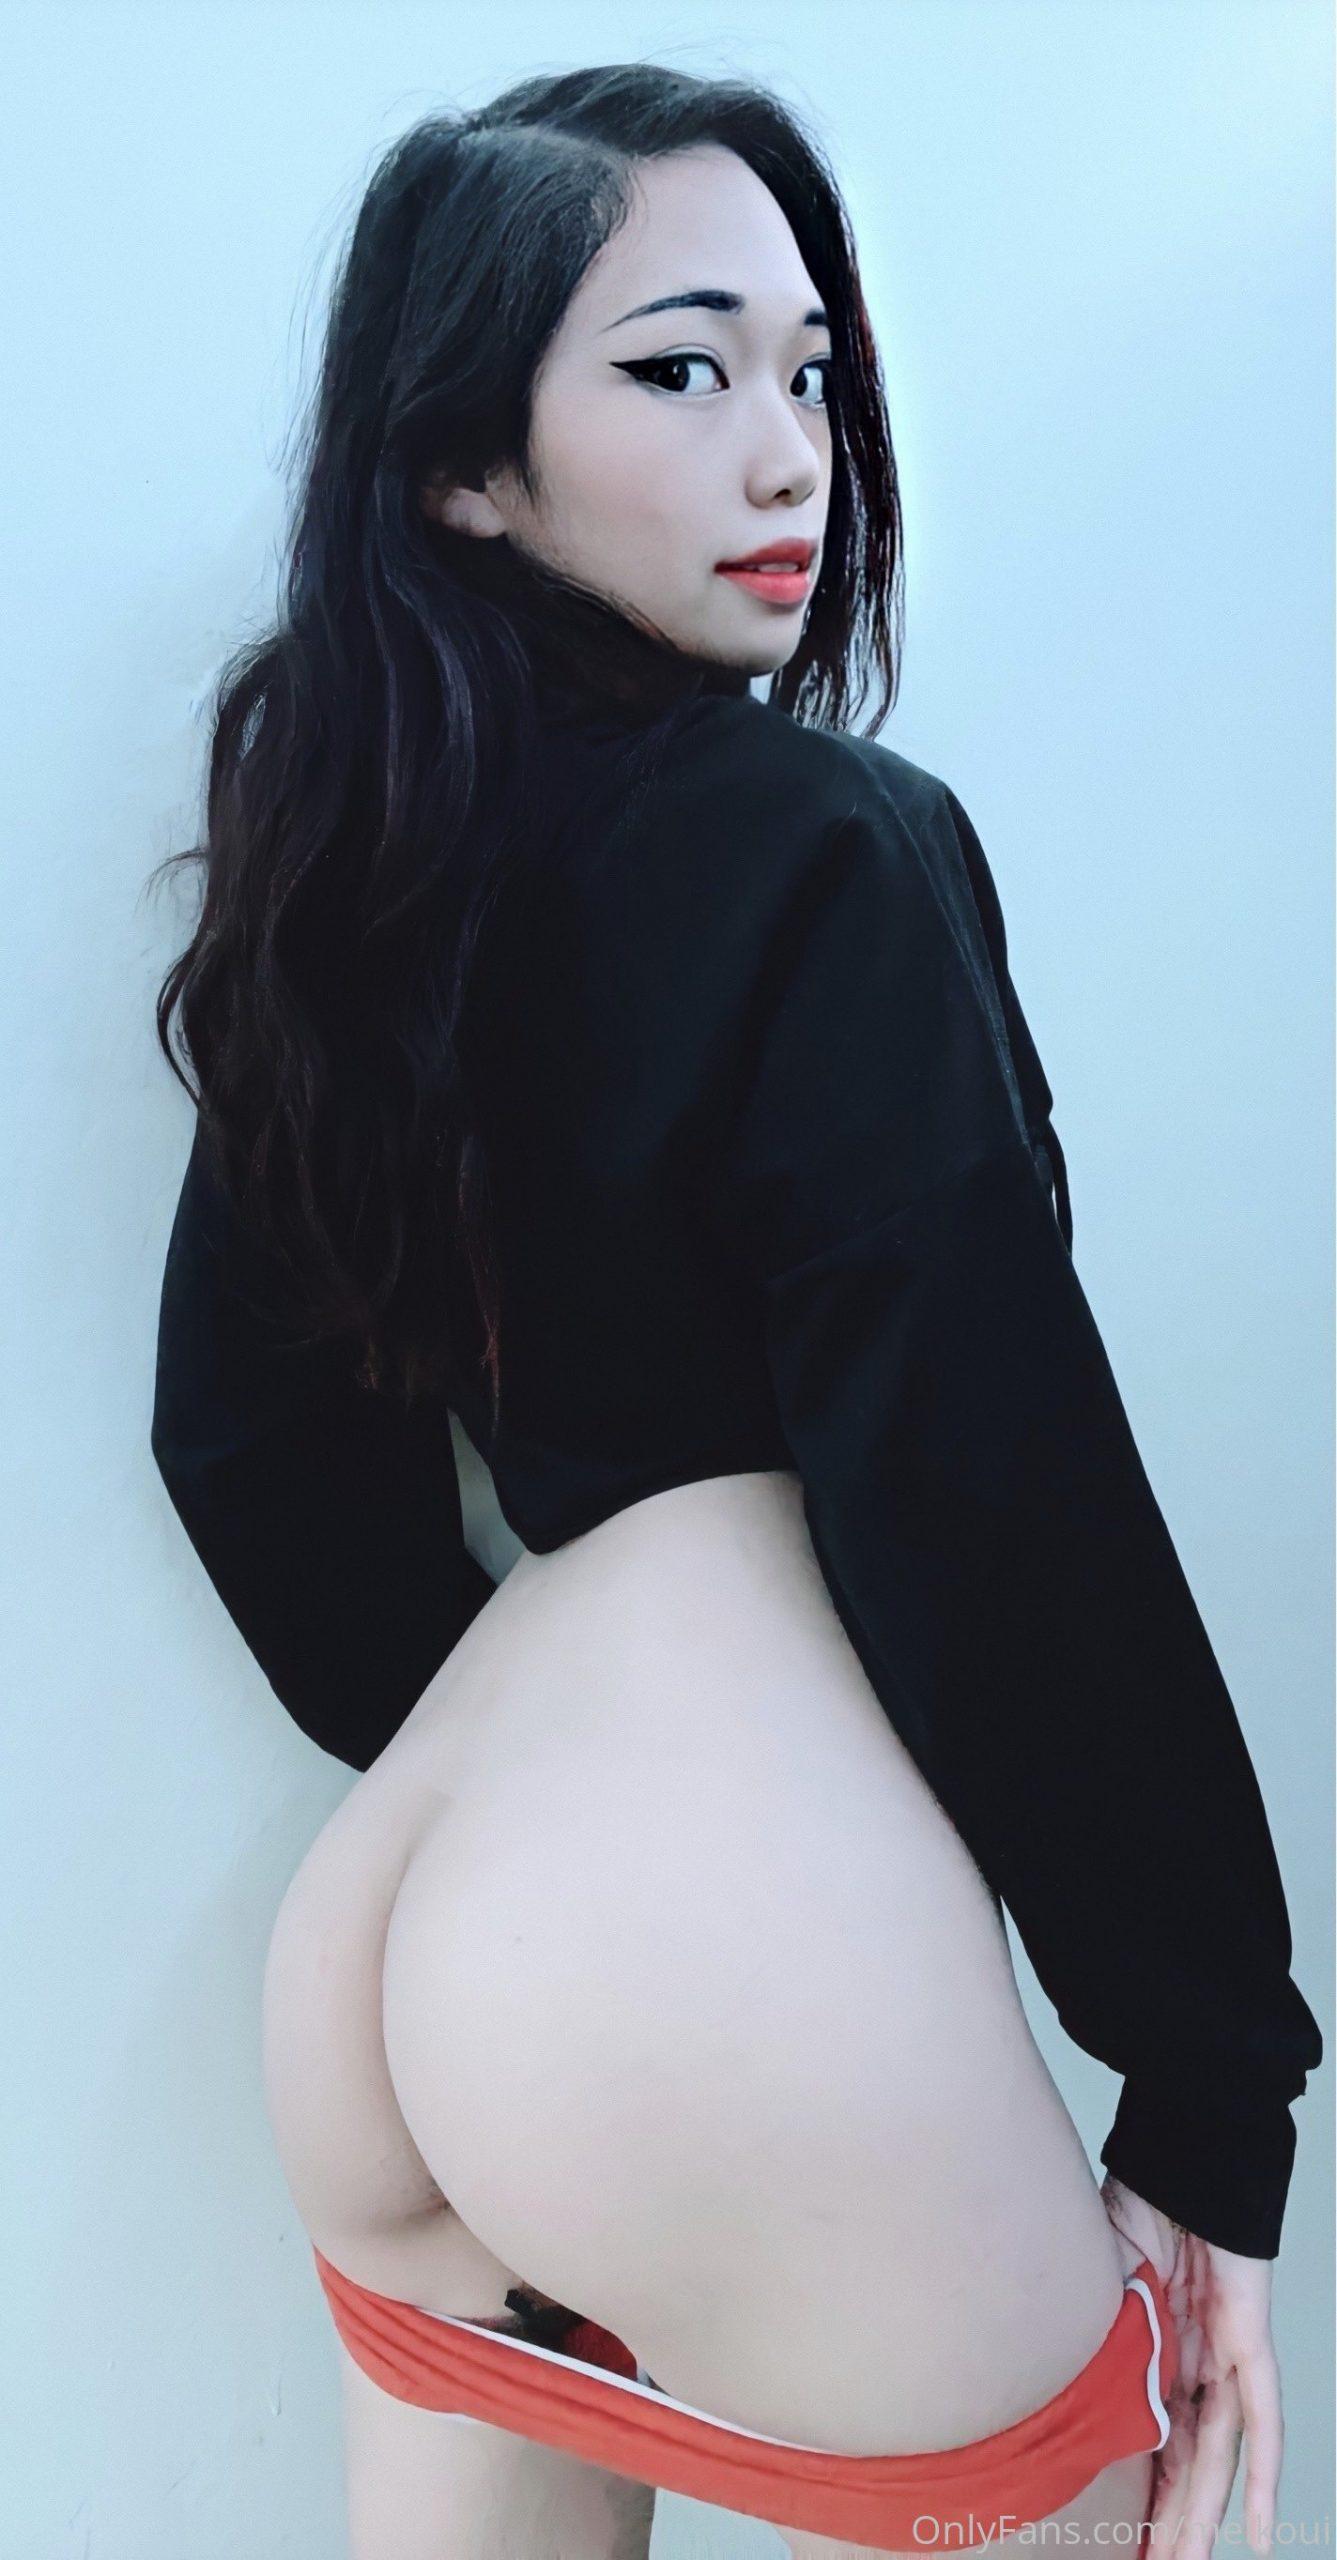 Cosplay, Mei Kou, Meikoui, Onlyfans 0003